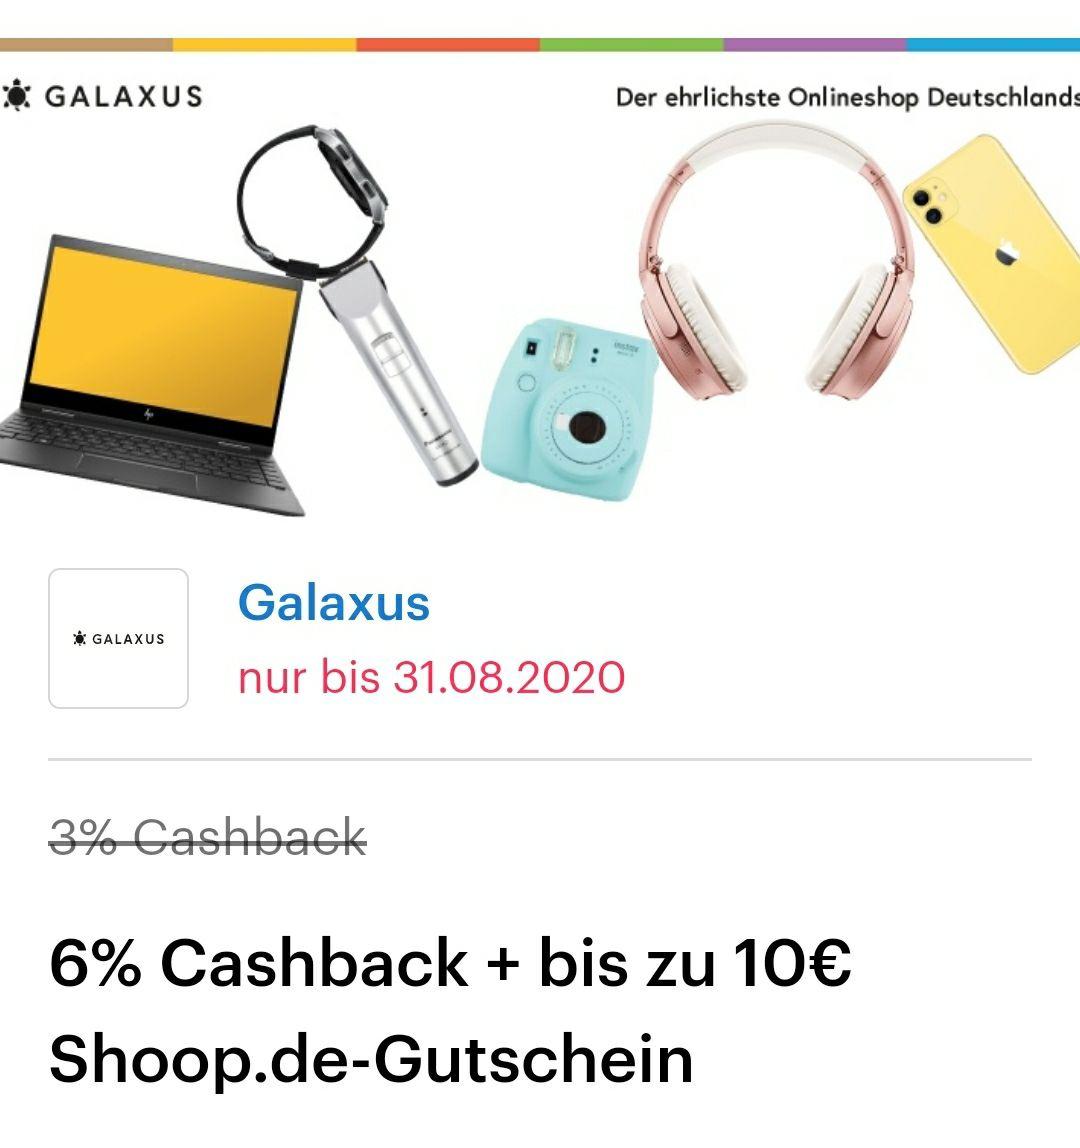 [Shoop] Galaxus 6% statt 3% Cashback + bis zu 10€ Shoop.de-Gutschein